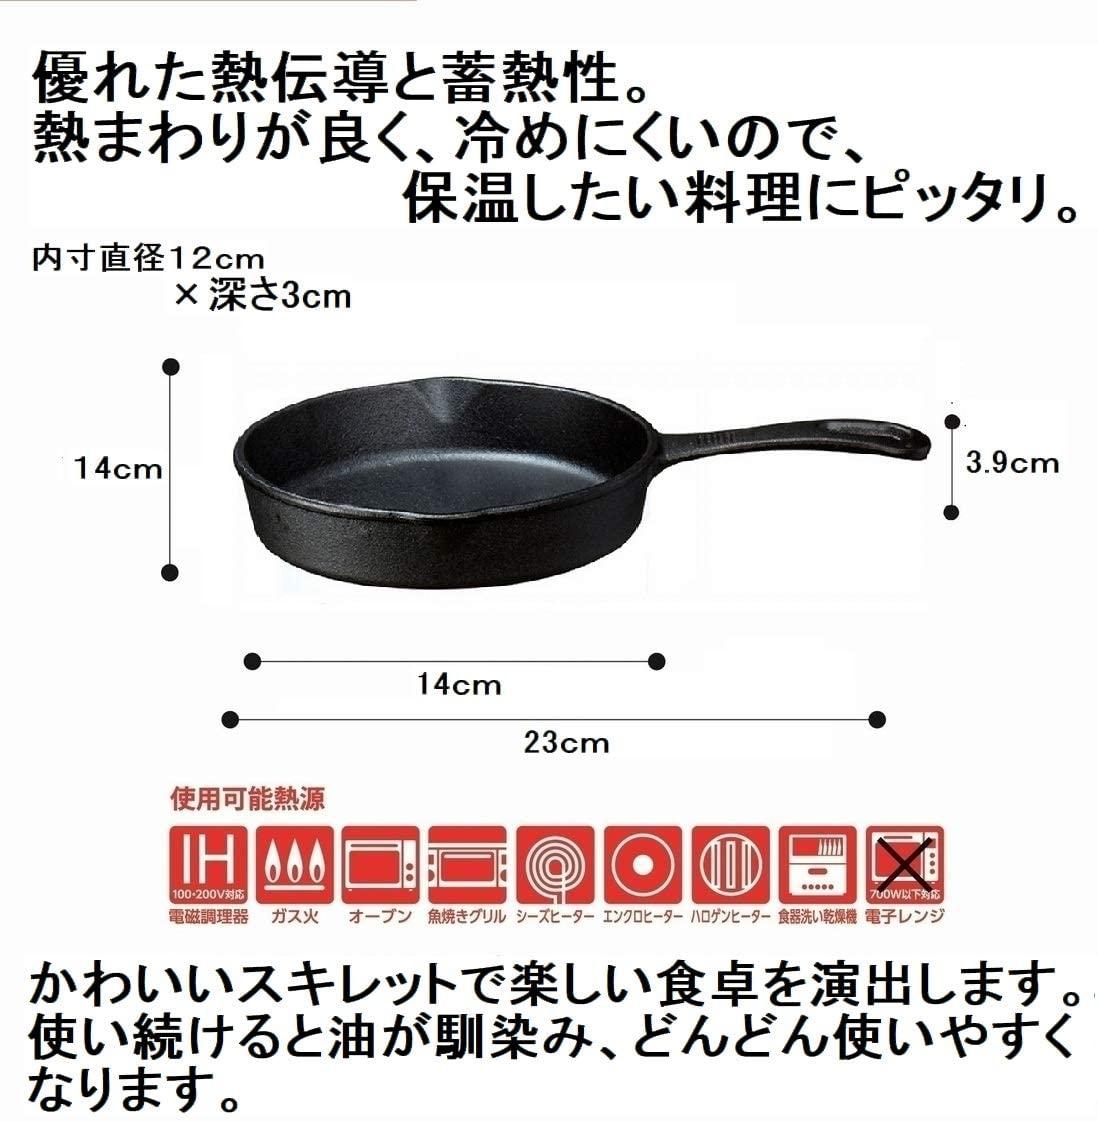 イシガキ産業 スキレット 12cmの商品画像3